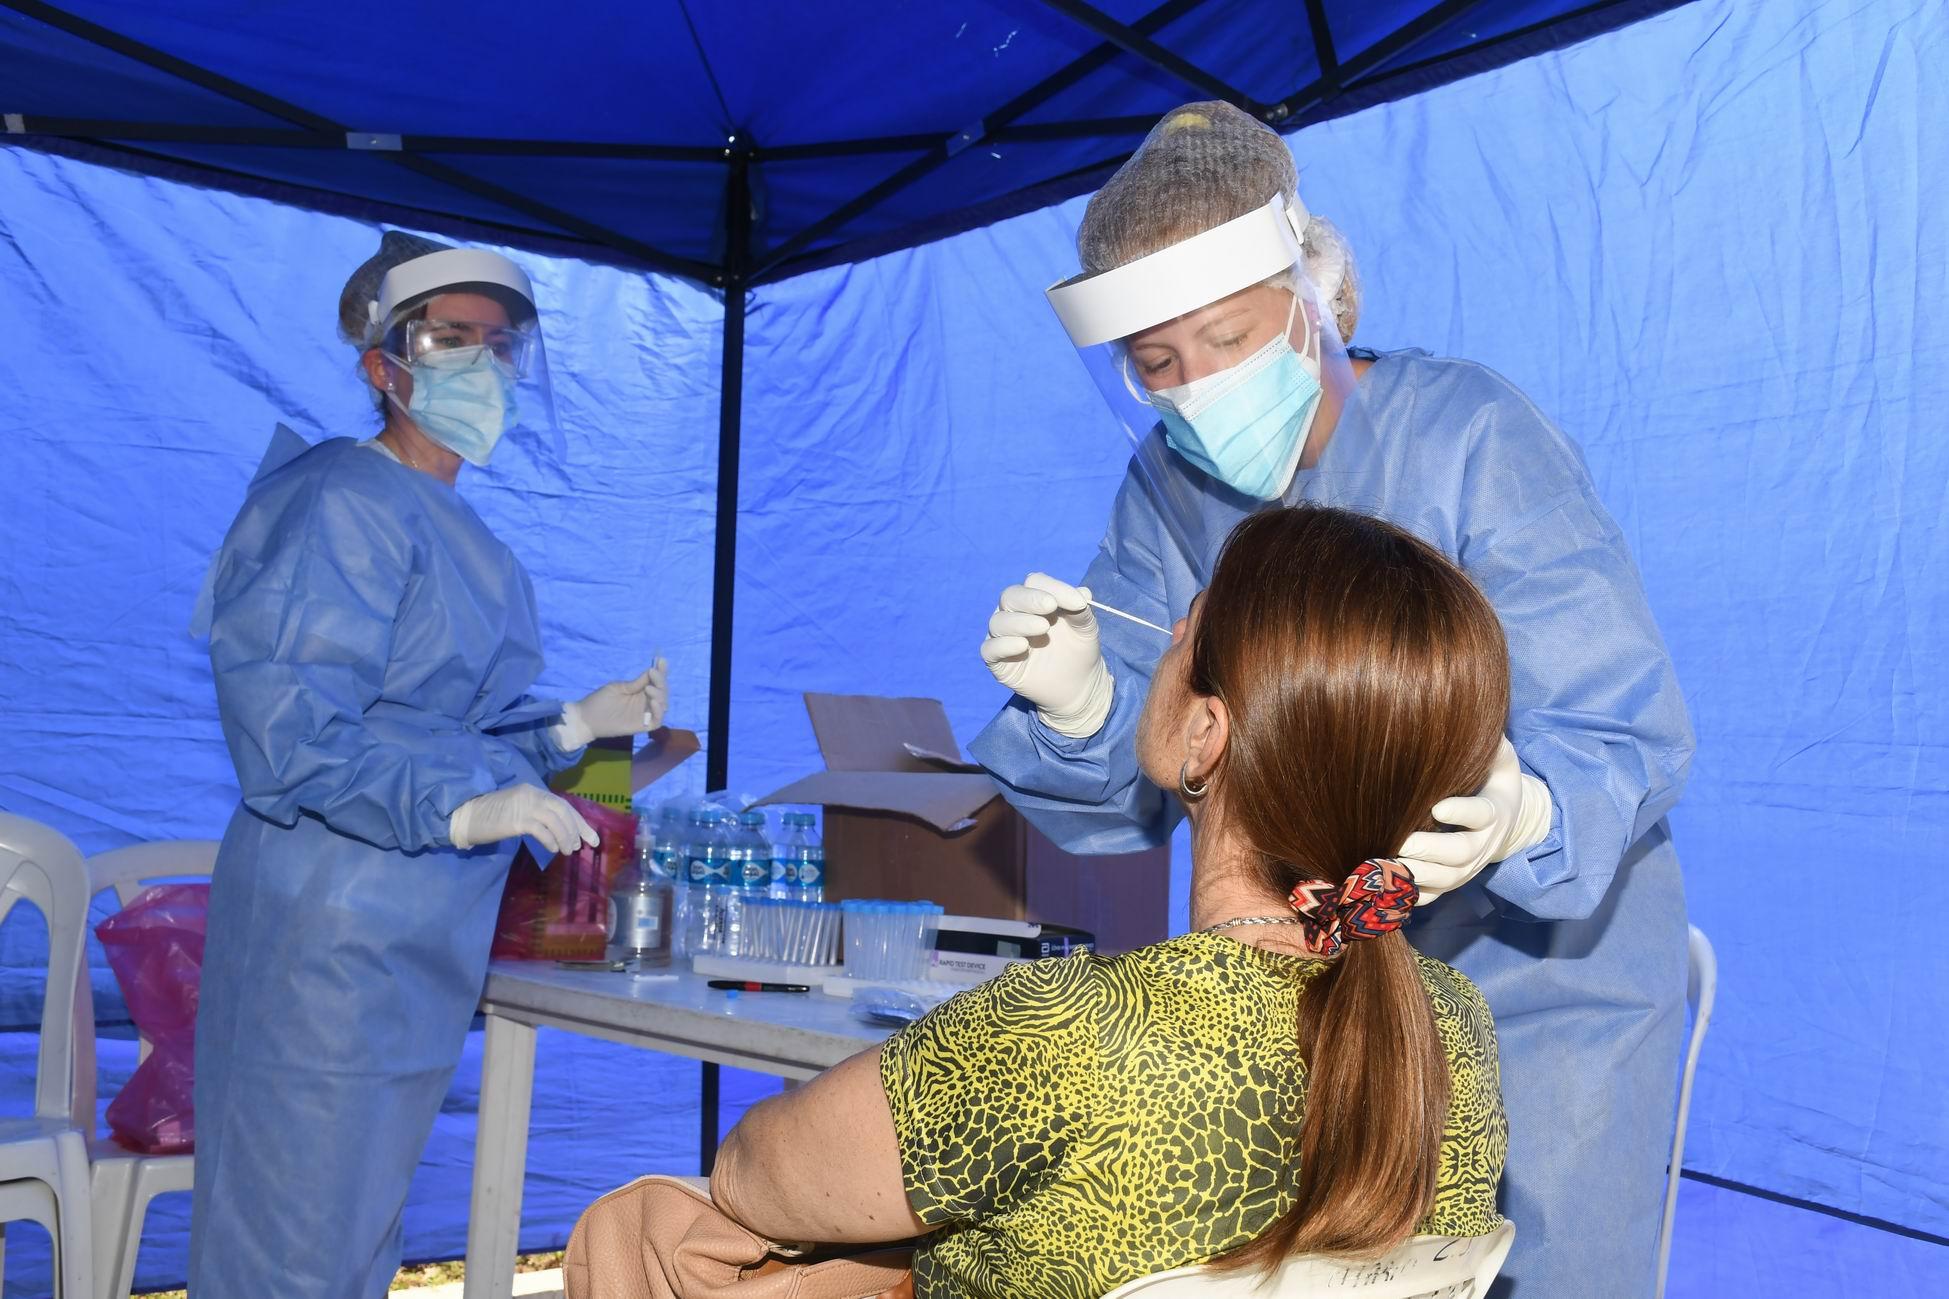 COVID-19: Hoy se detectaron 193 nuevos casos en La Pampa, 13 en General Pico